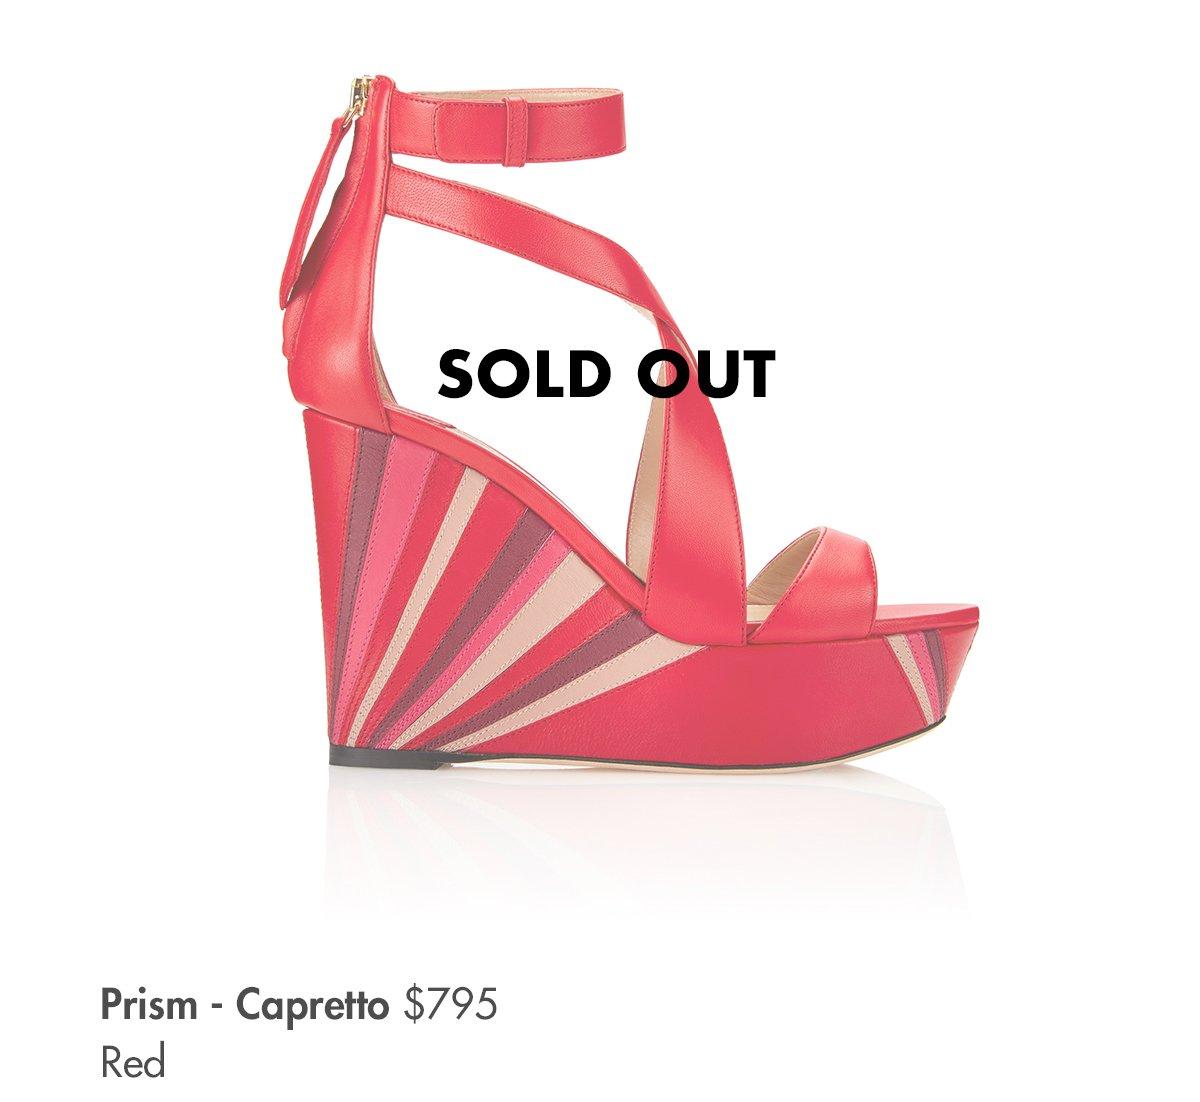 Prism - Capretto Red